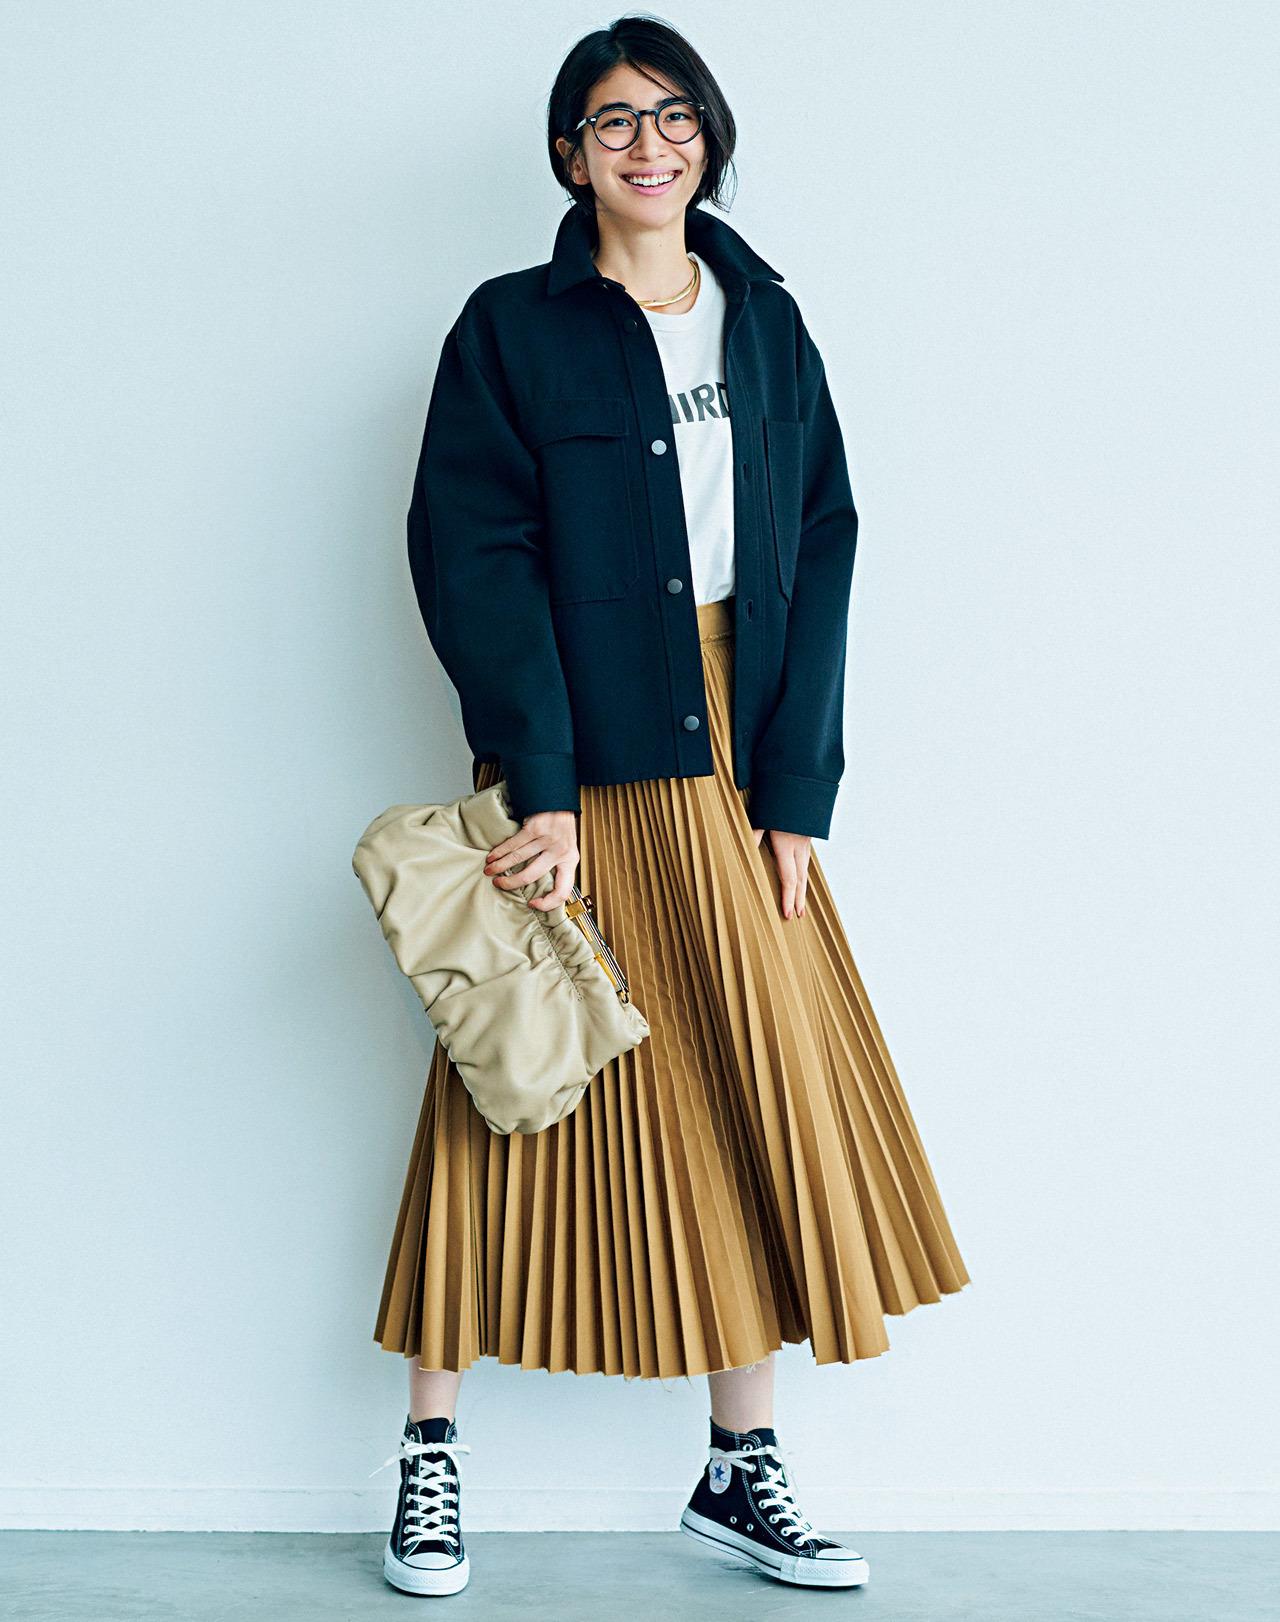 黒のジャケット×白Tシャツ×ベージュのプリーツスカートコーデ